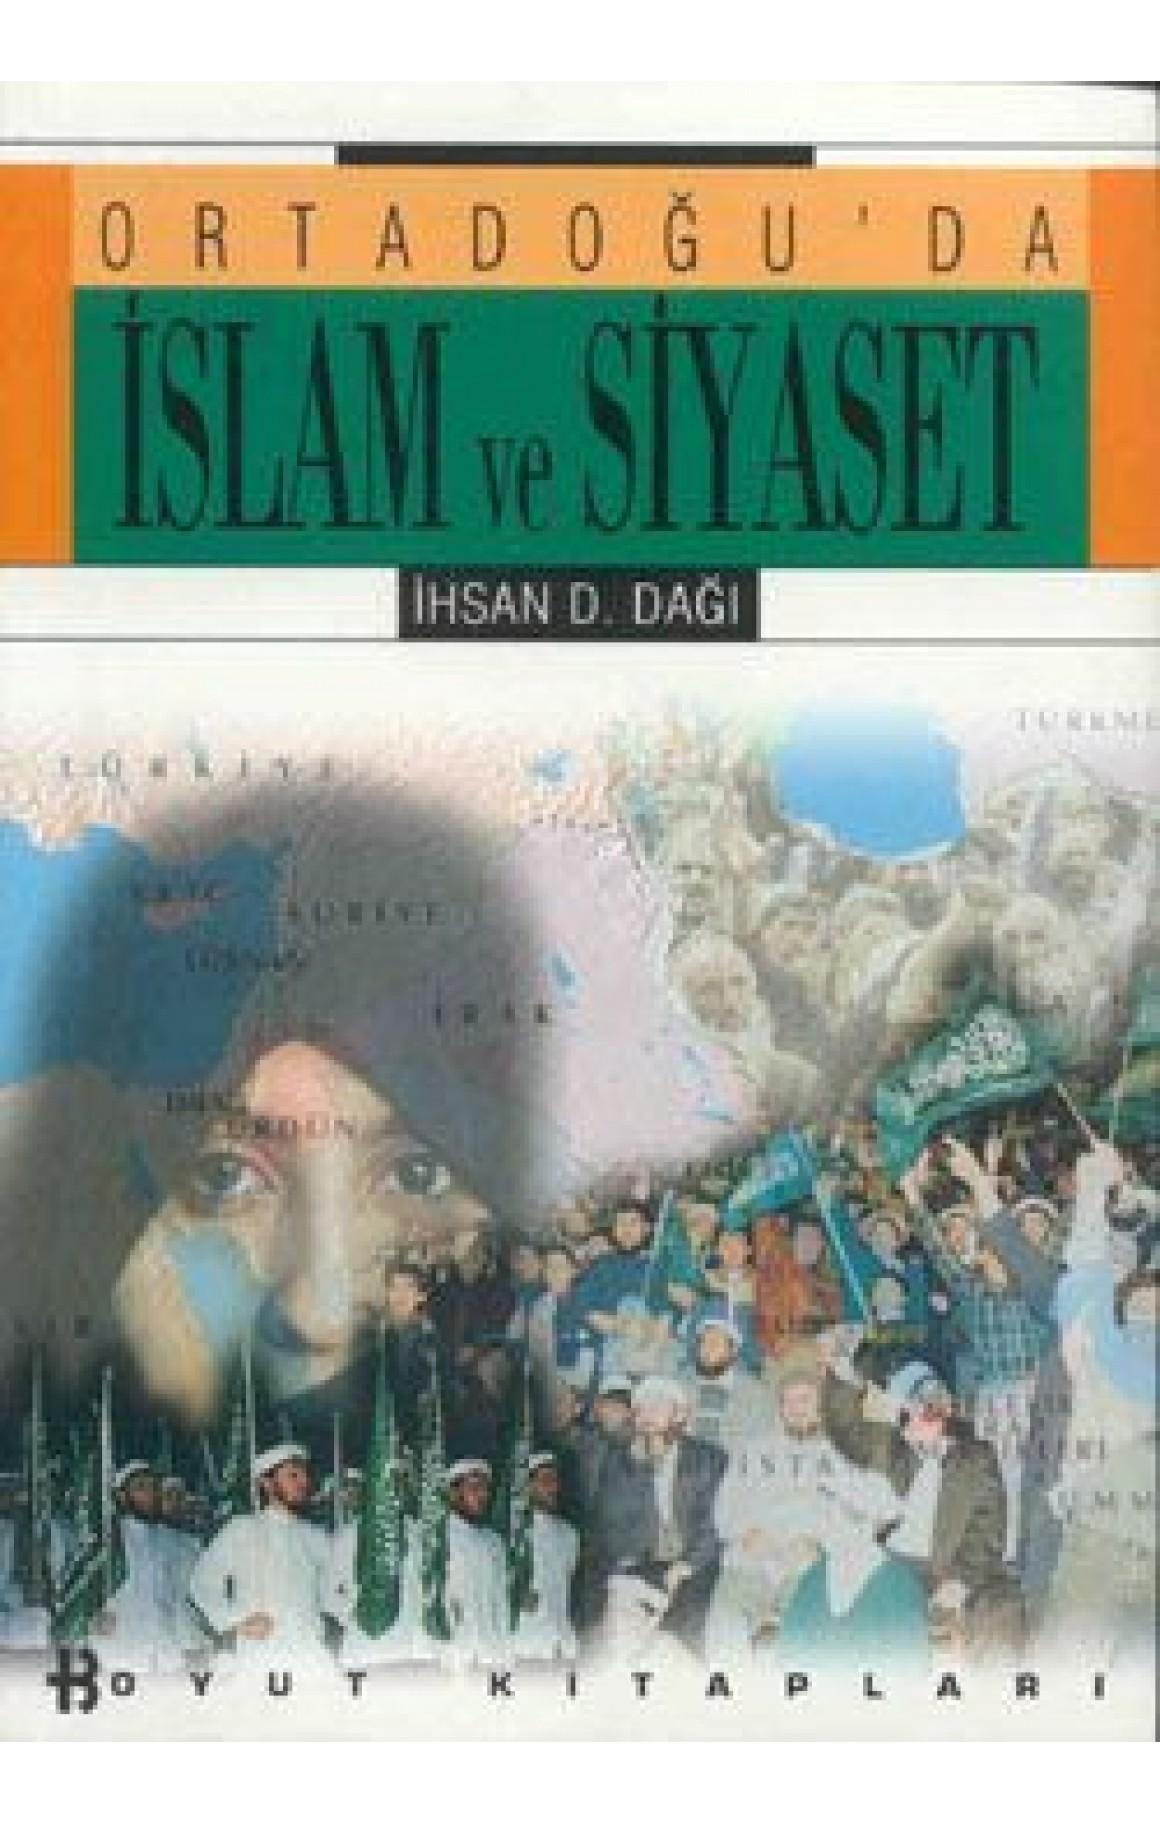 Ortadoğuda İslam ve Siyaset